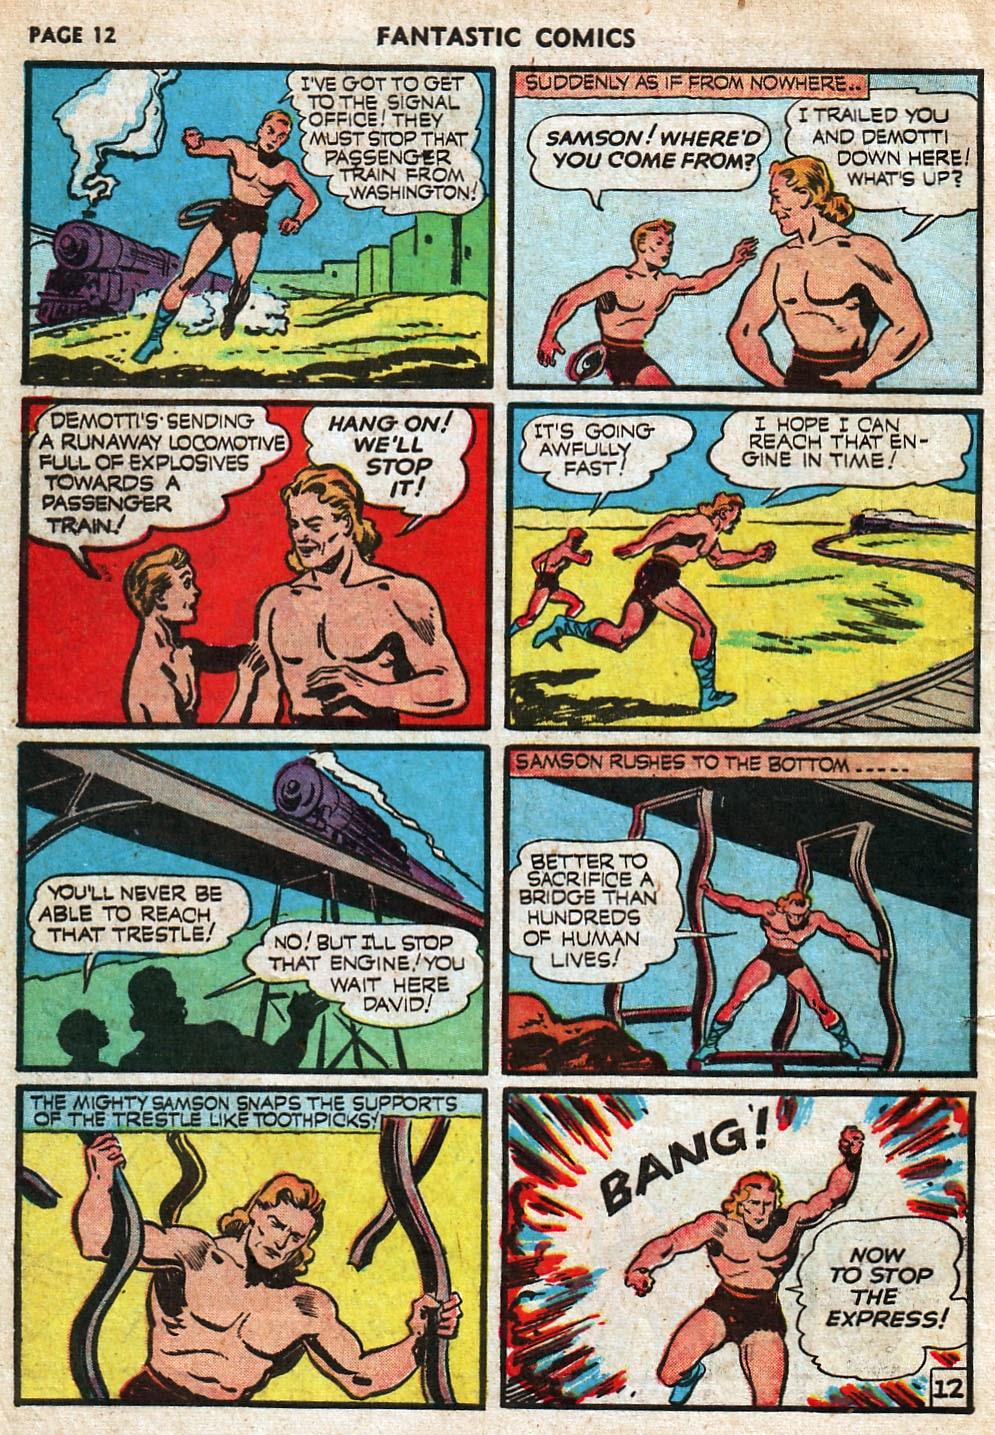 Read online Fantastic Comics comic -  Issue #18 - 14